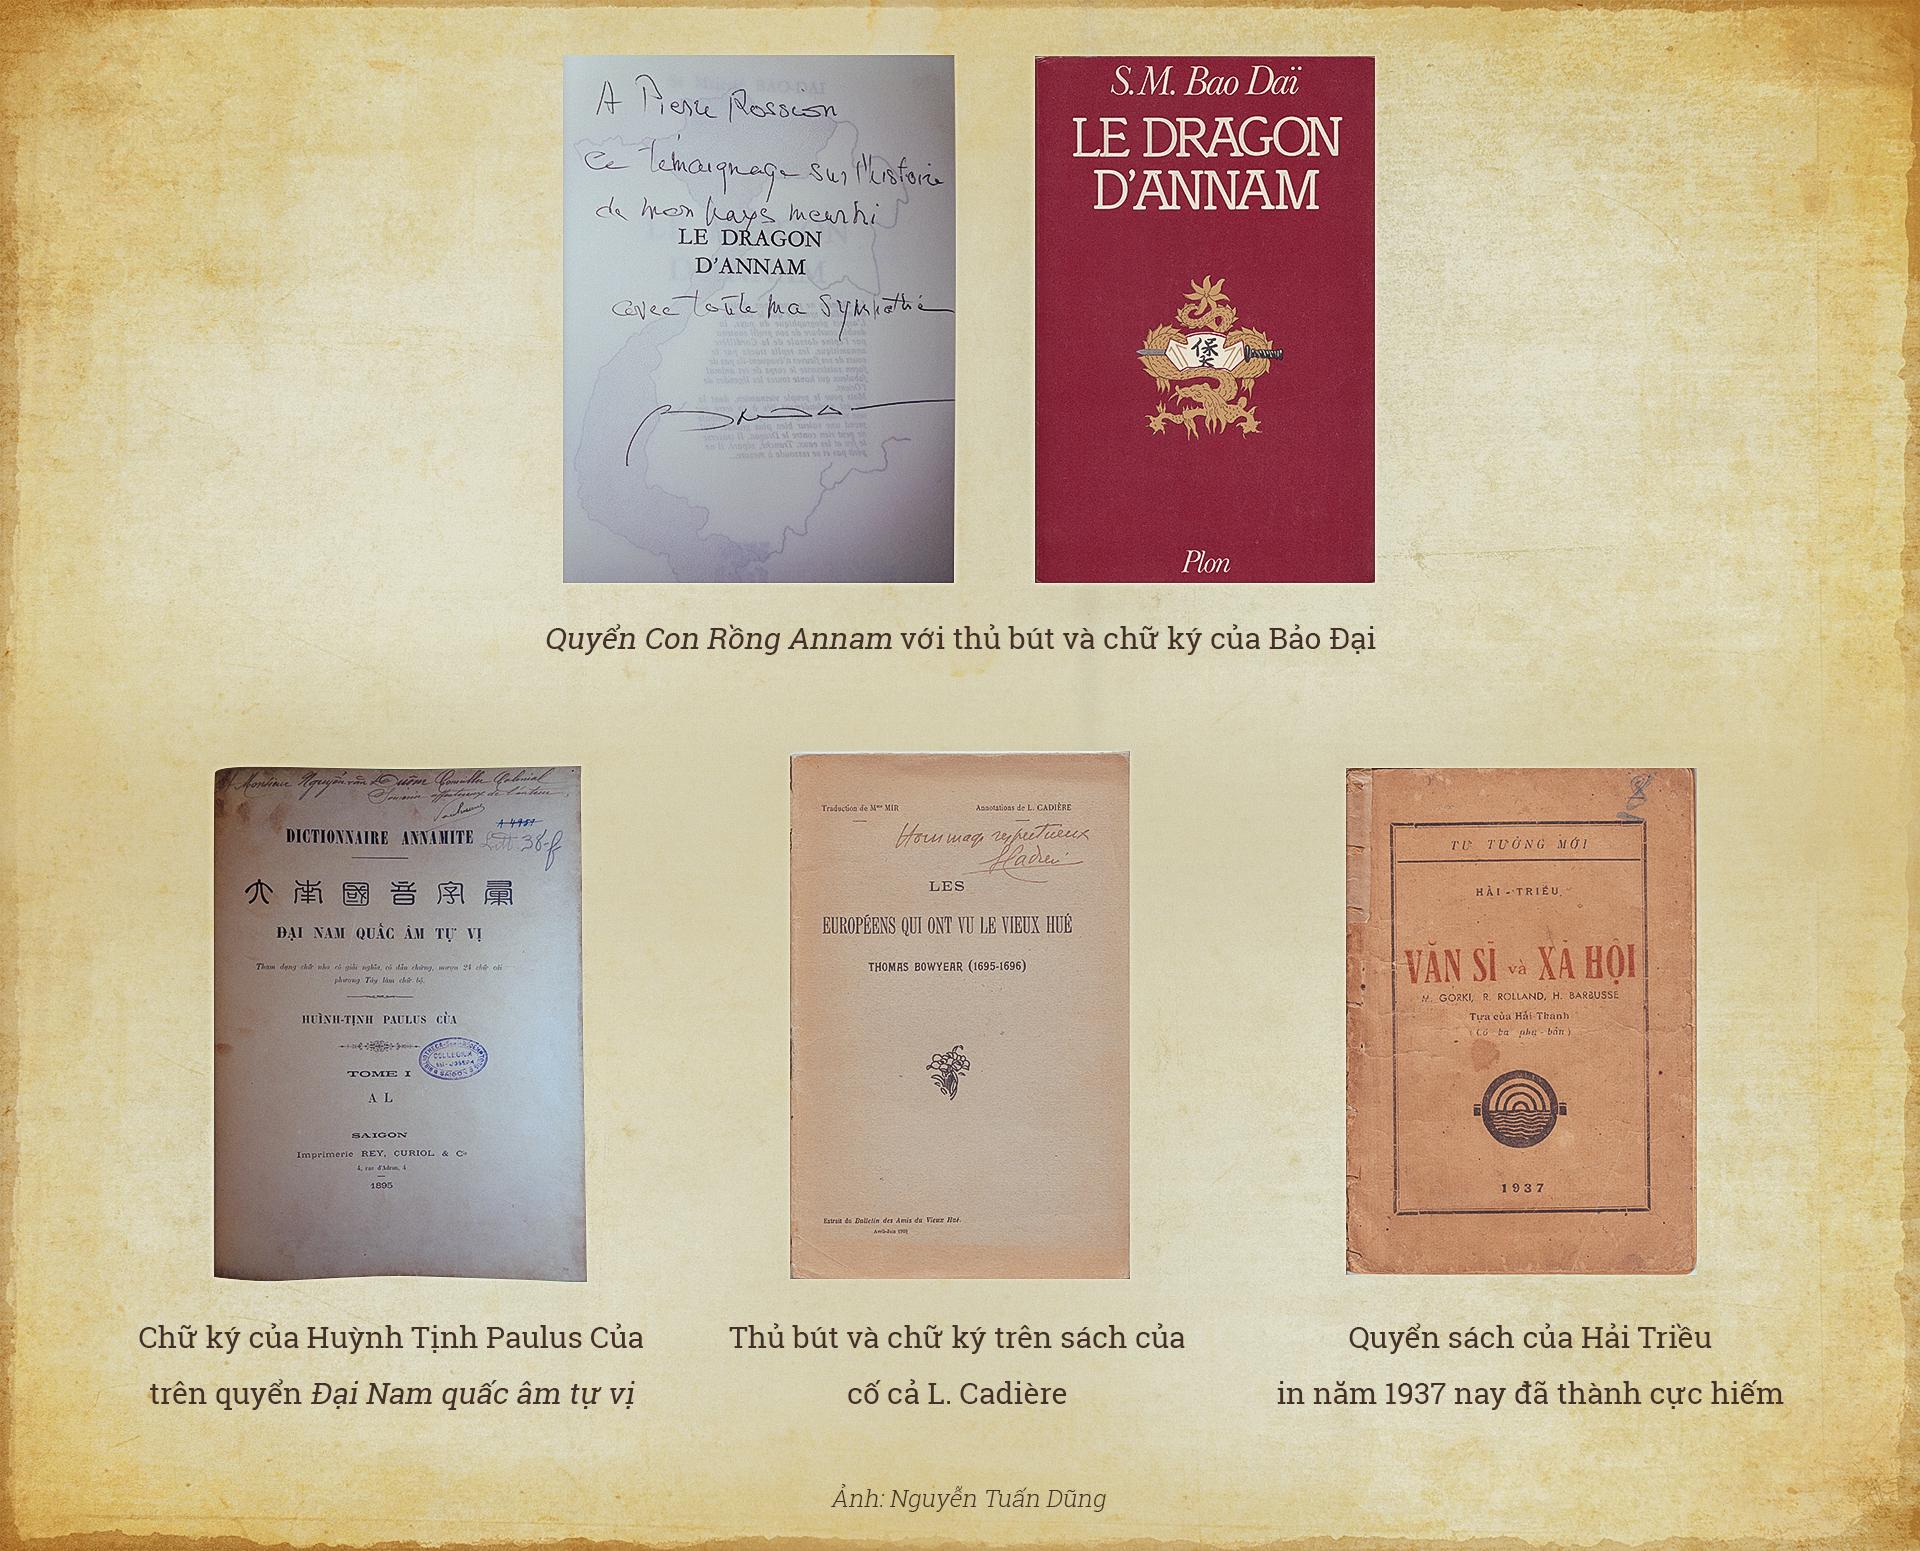 Sách quý hiếm của những nhà sưu tập khủng ở Sài Gòn - Ảnh 2.